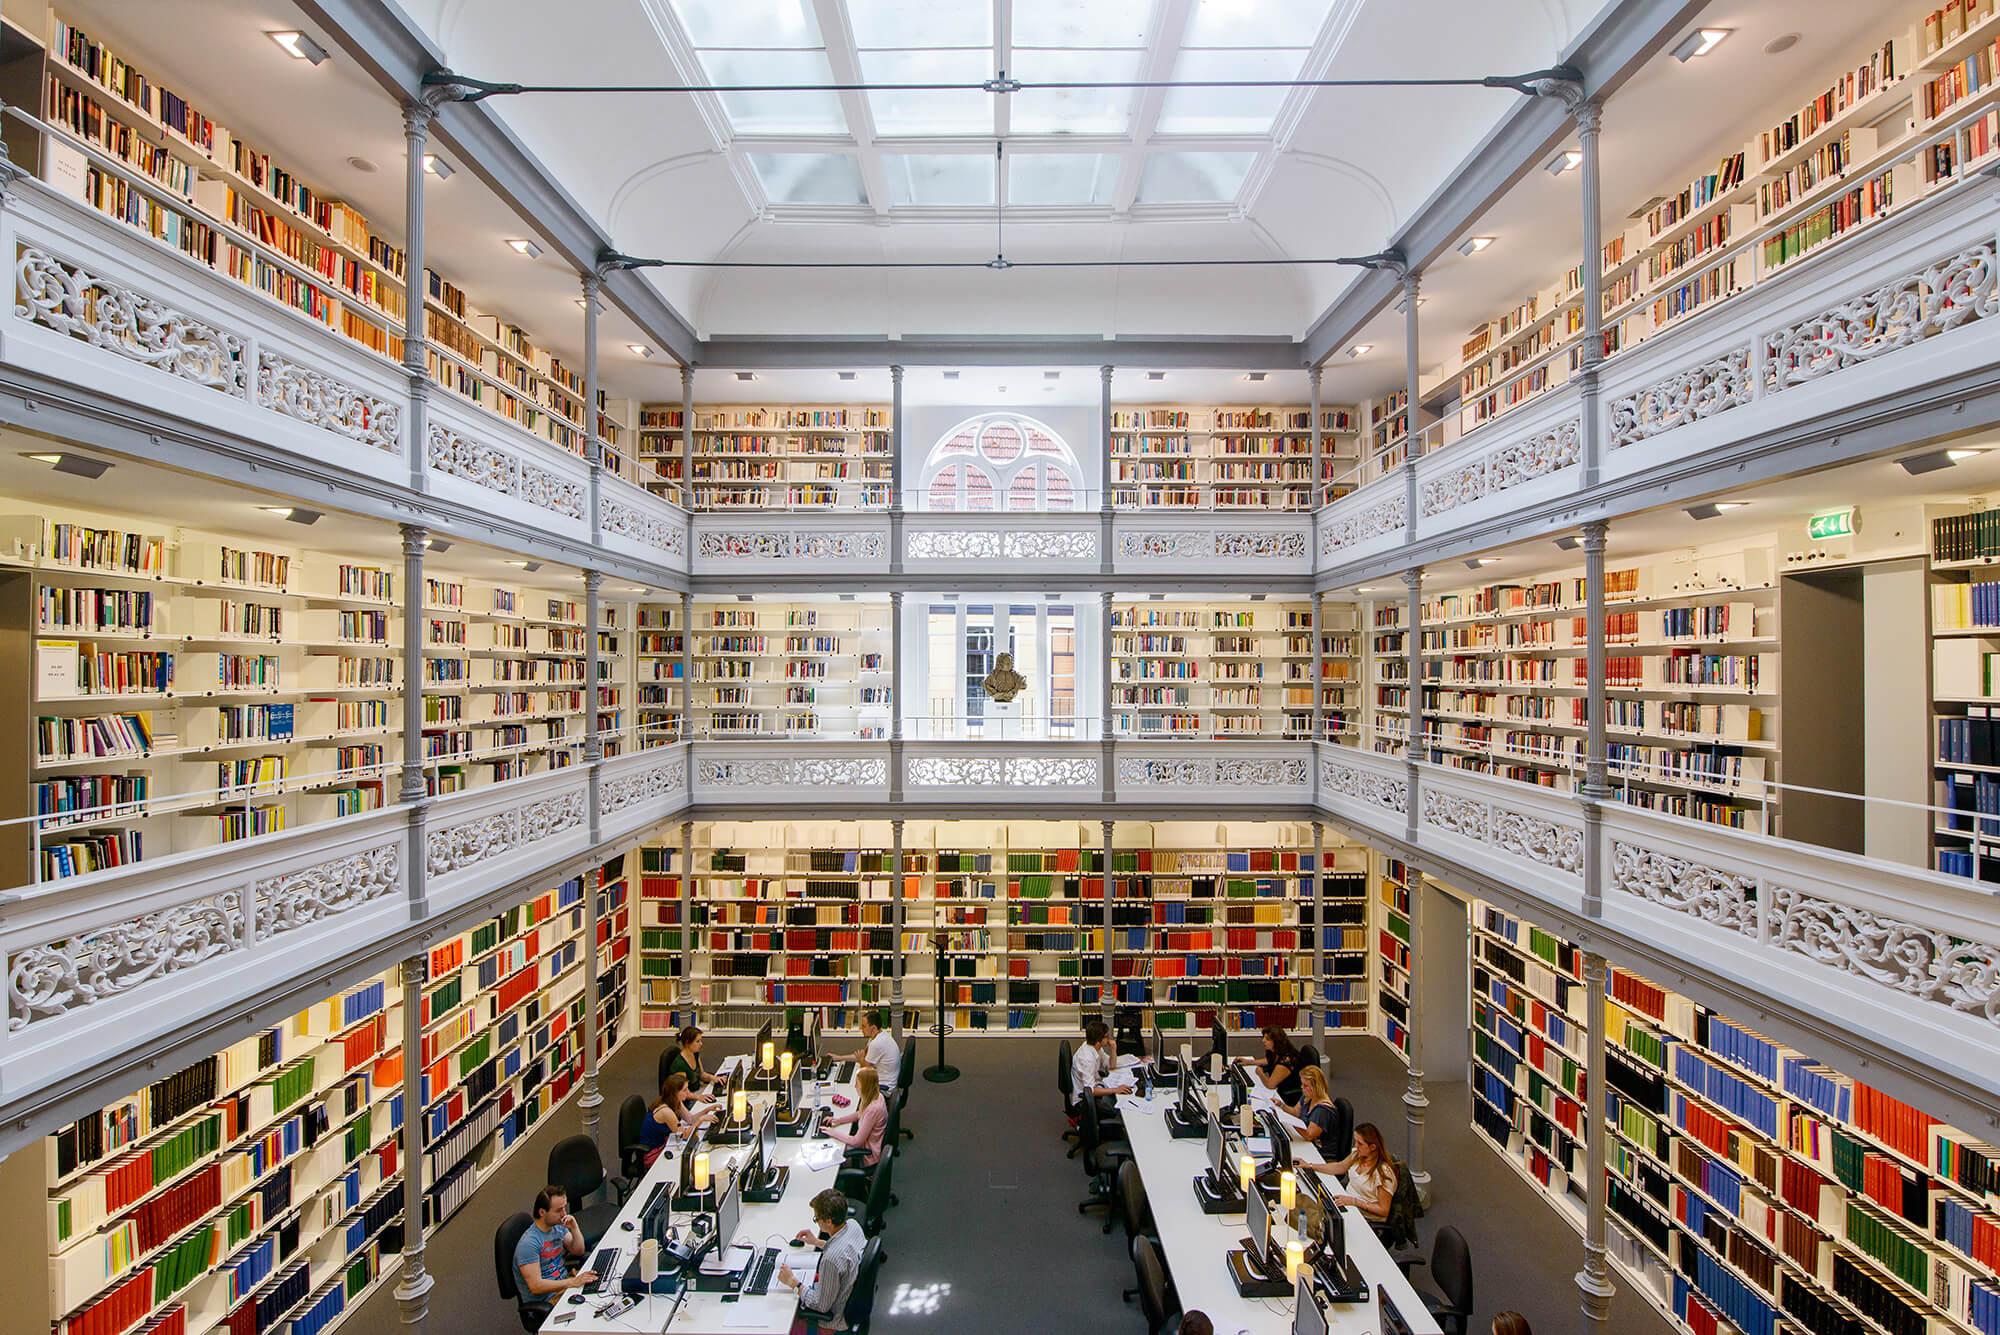 Du học Hà Lan: Học bổng lên tới €17.500 đến từ trường Utrecht University